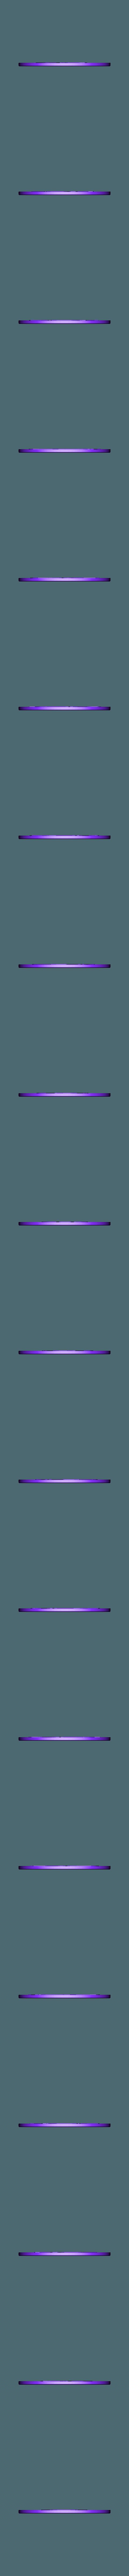 ironman_2.stl Télécharger fichier STL gratuit logo homme de fer • Objet pour imprimante 3D, ramon_lol123